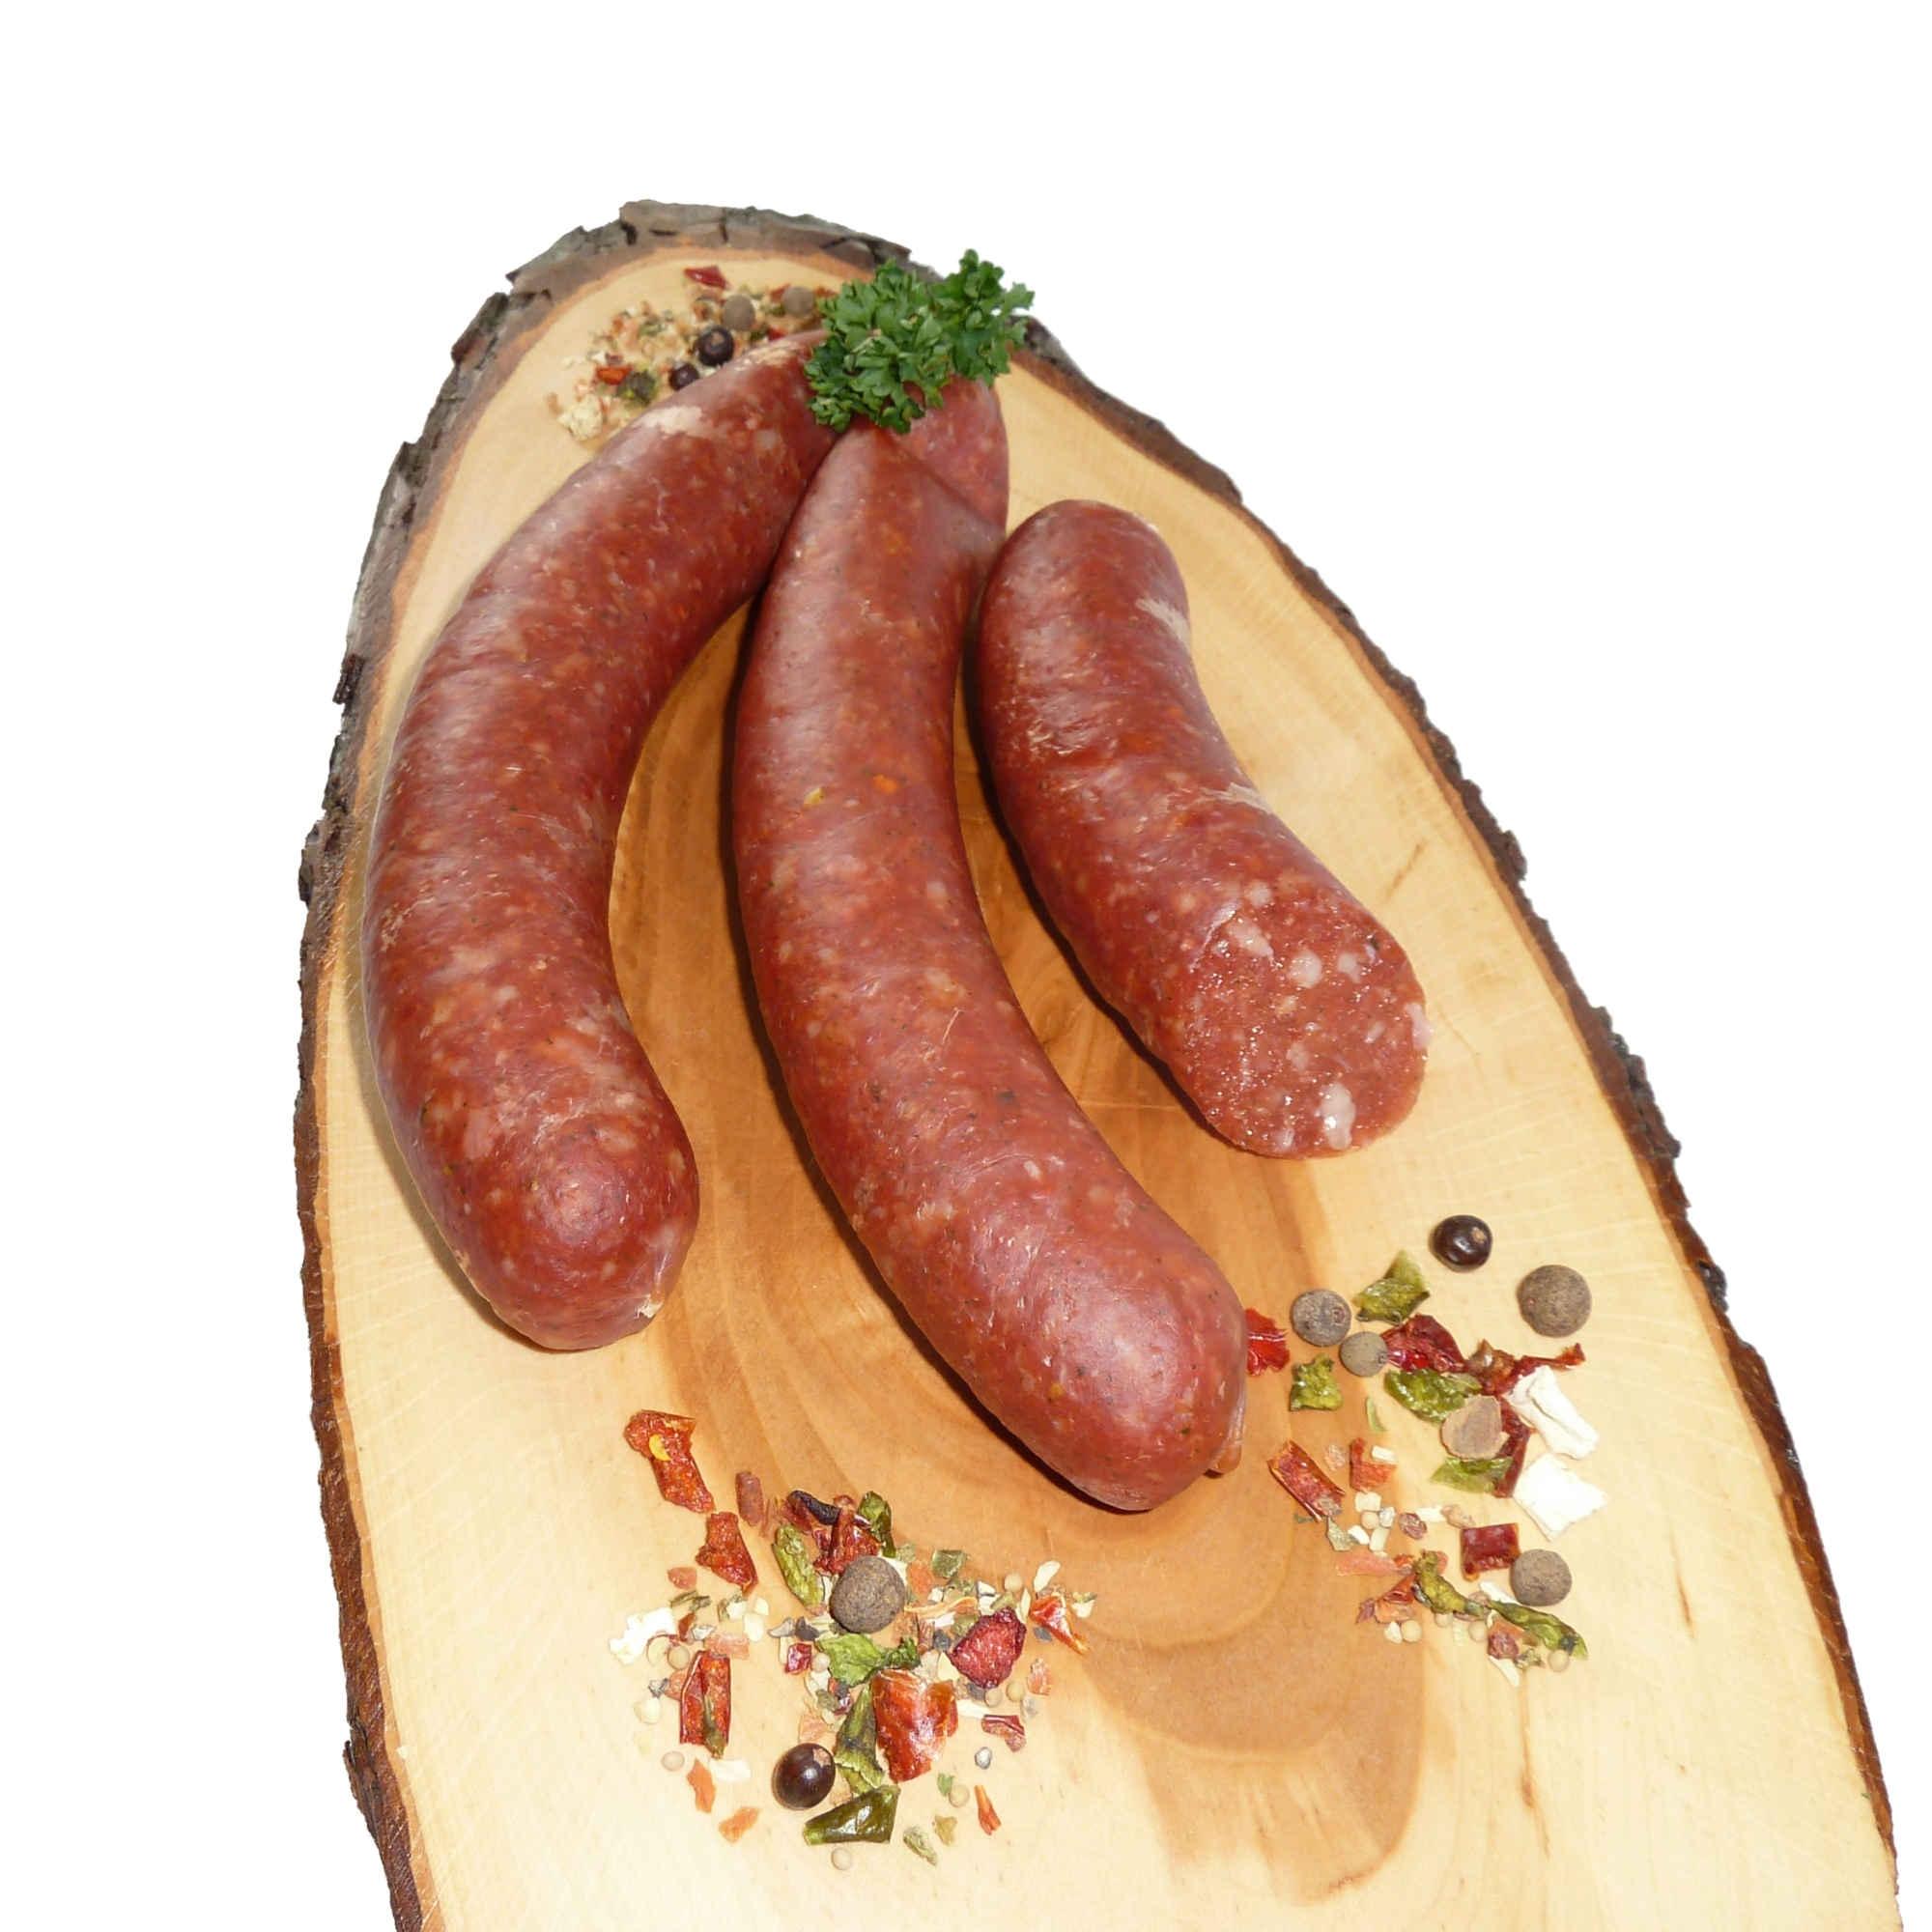 Puten Banatwurst